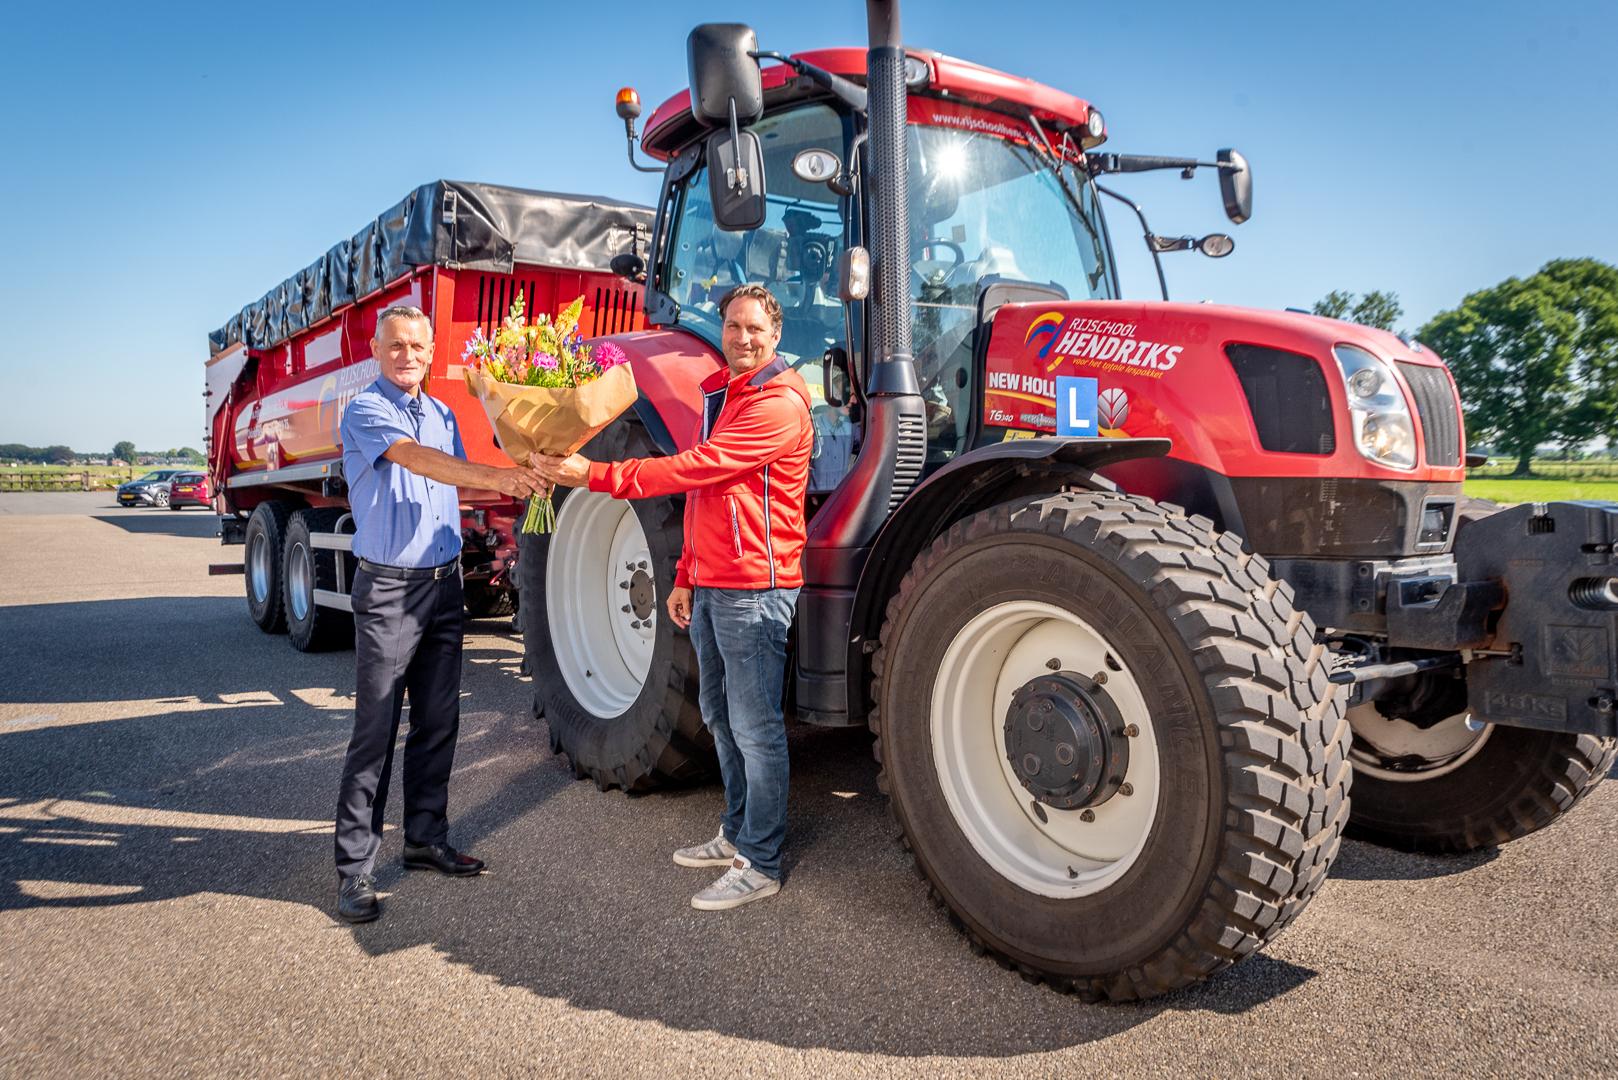 Rijschool Hendriks is nieuwe sponsor Elburger SC - Elburger SC